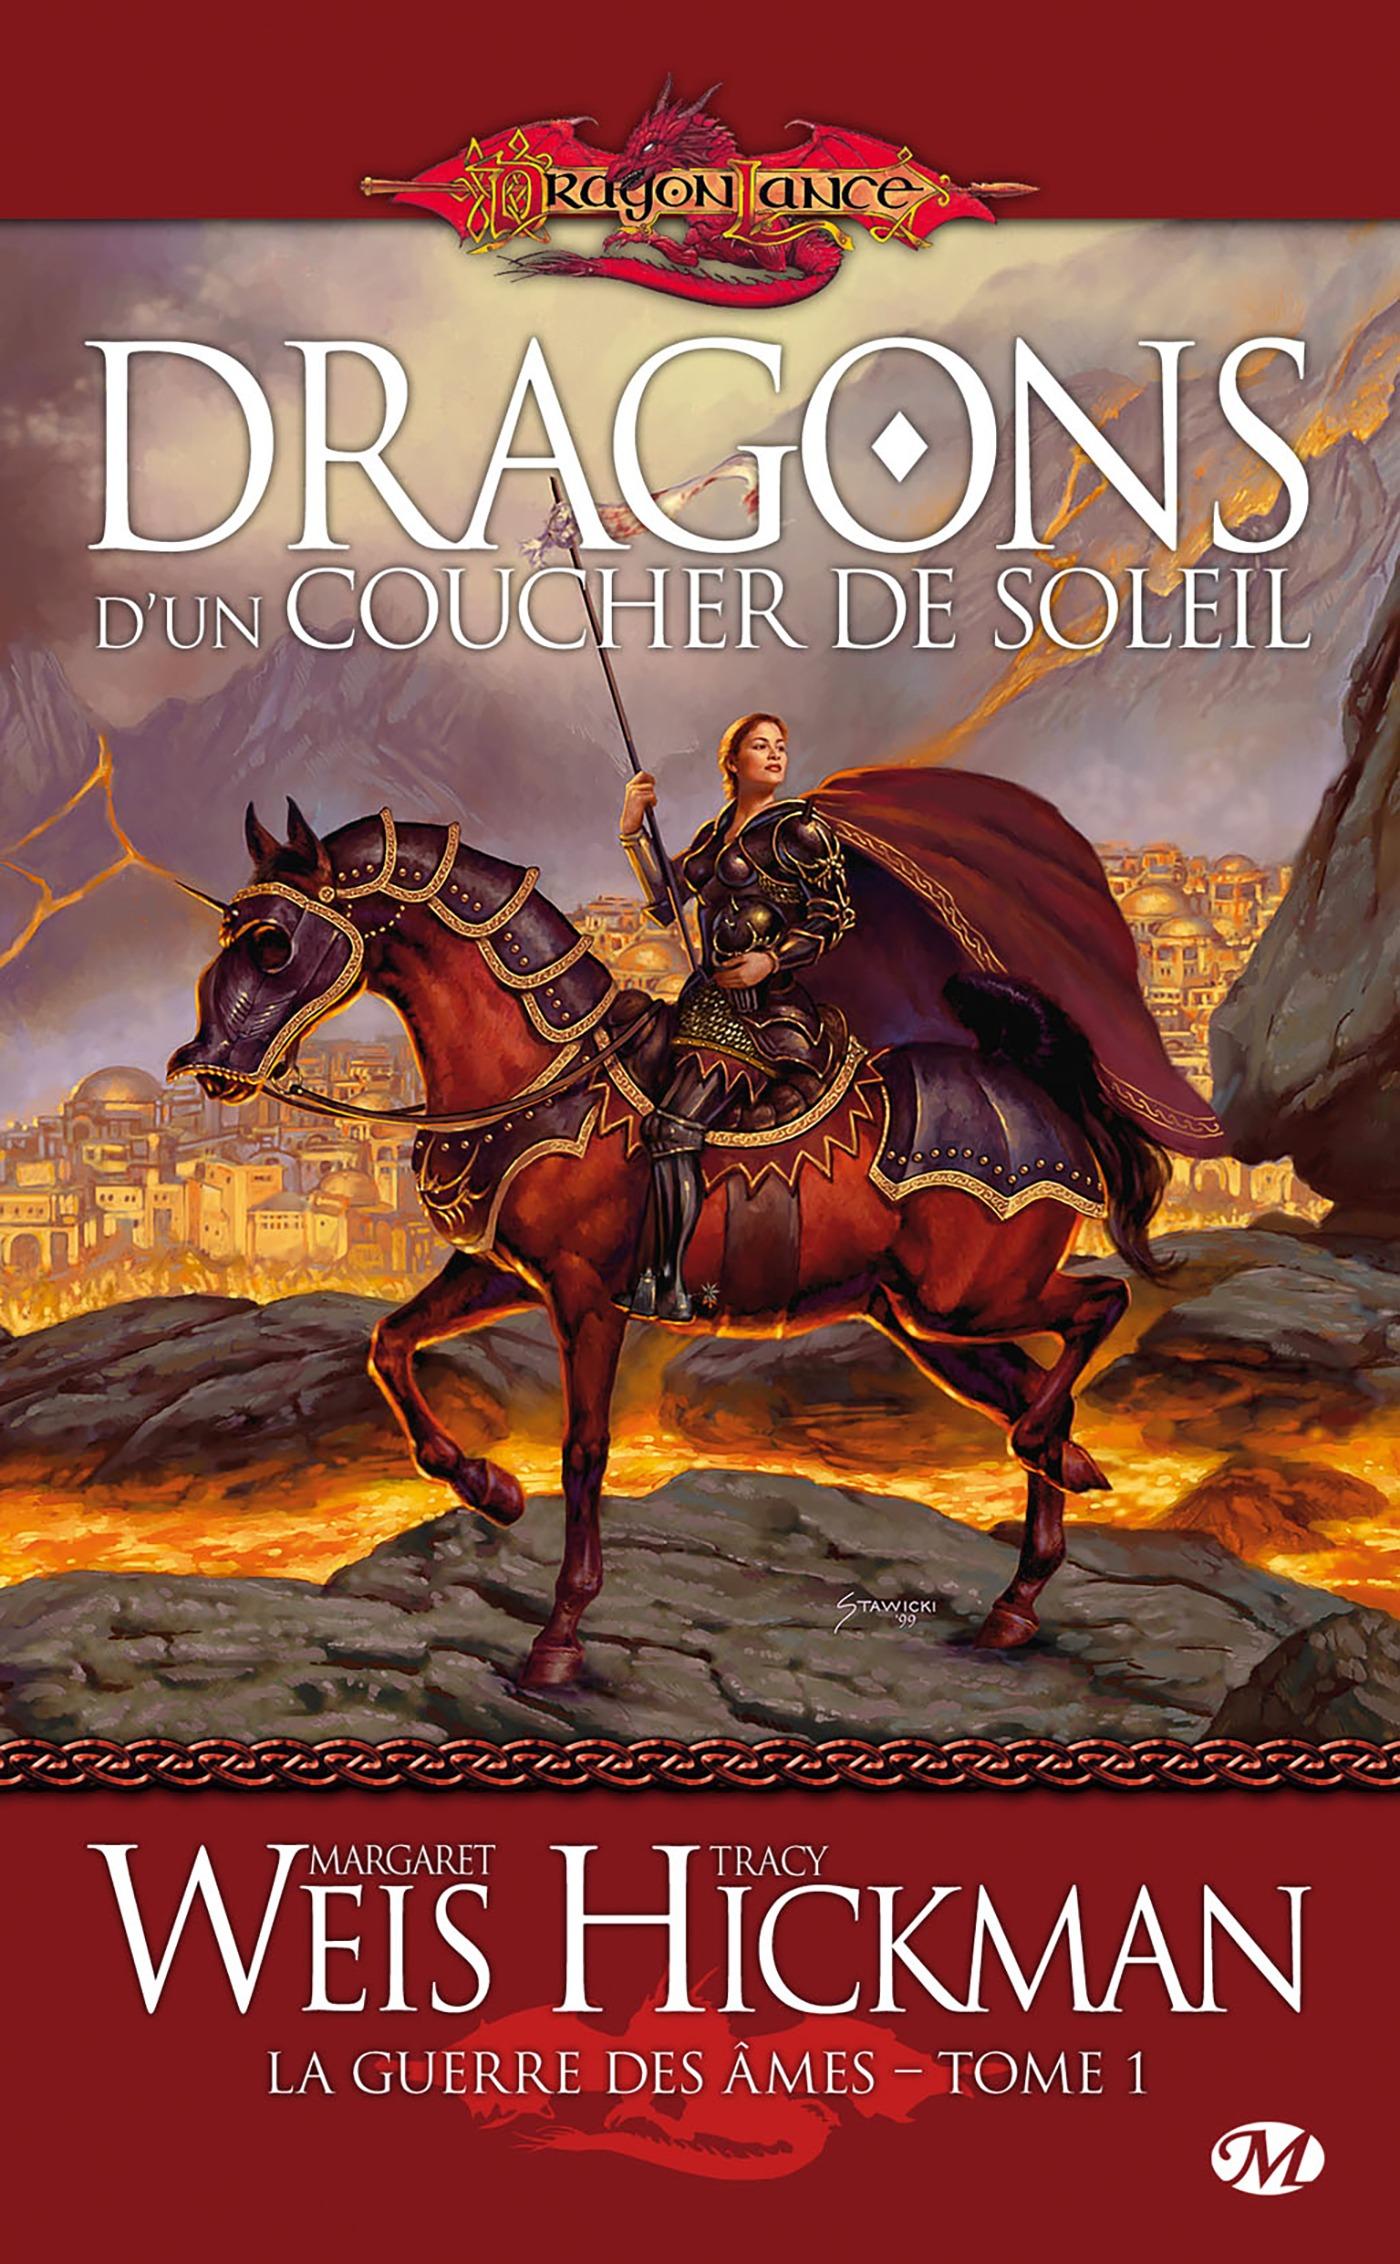 Dragons d'un coucher de soleil, LA GUERRE DES ÂMES, T1